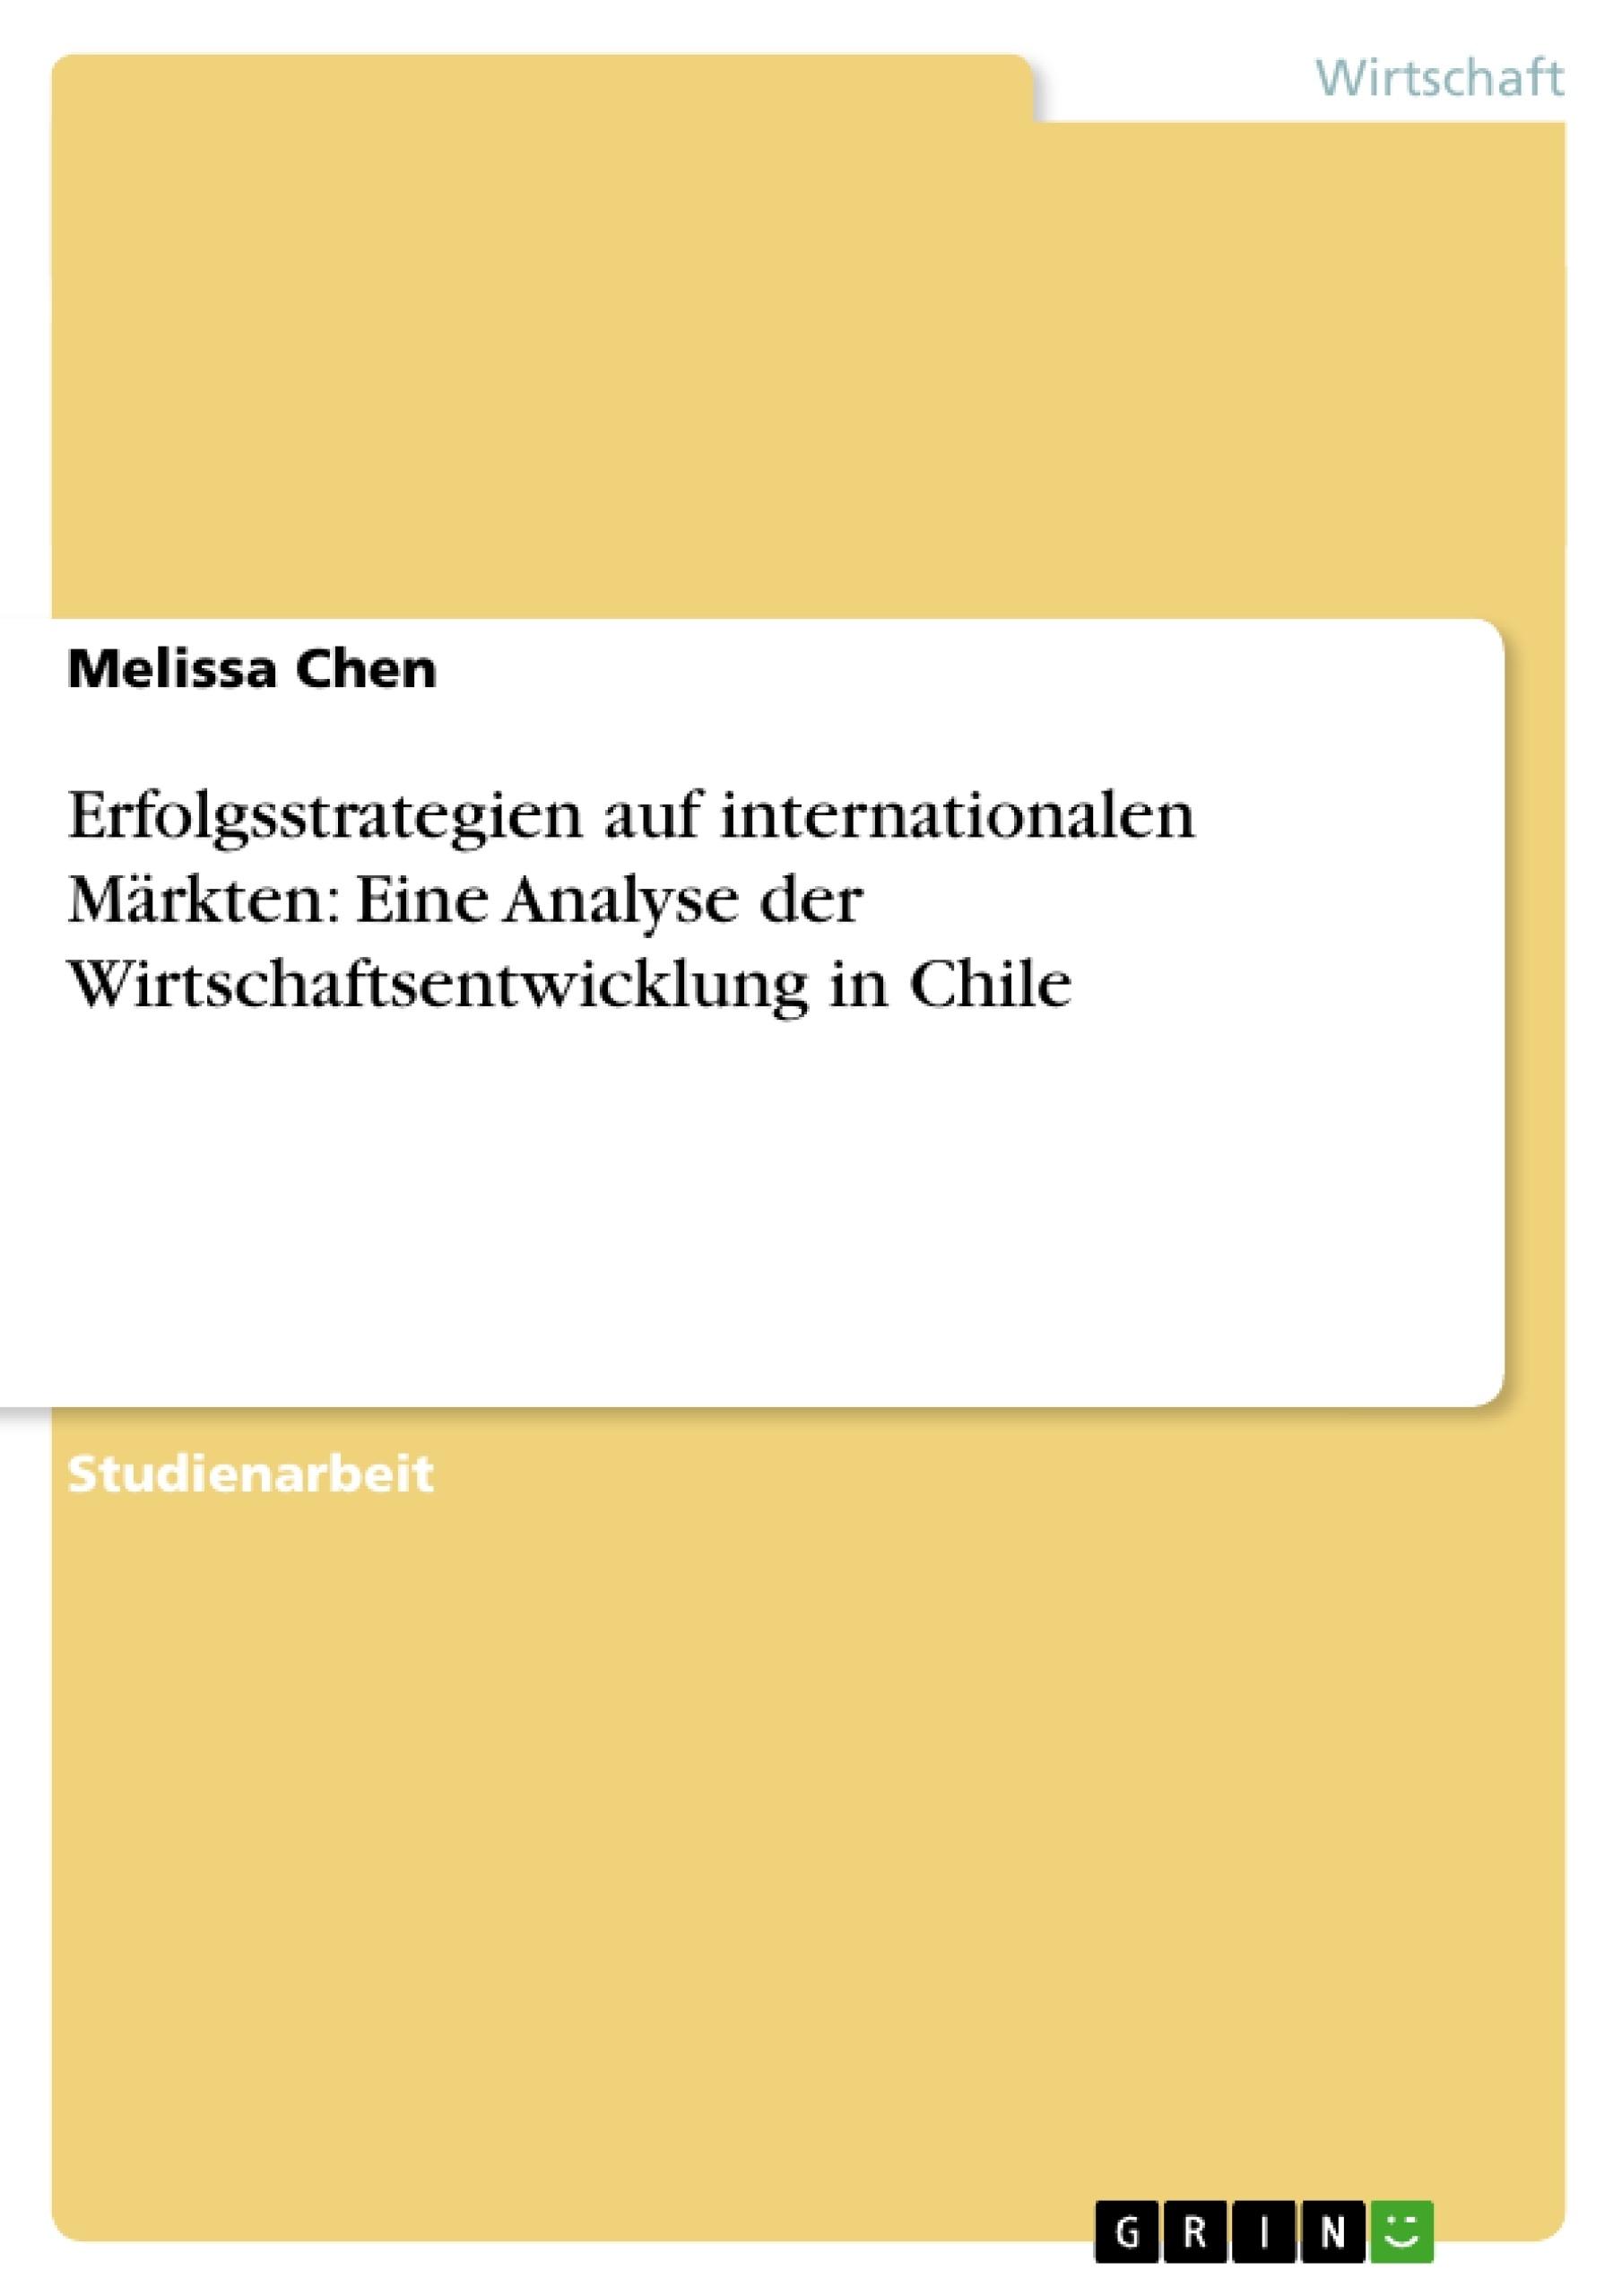 Titel: Erfolgsstrategien auf internationalen Märkten: Eine Analyse der Wirtschaftsentwicklung in Chile